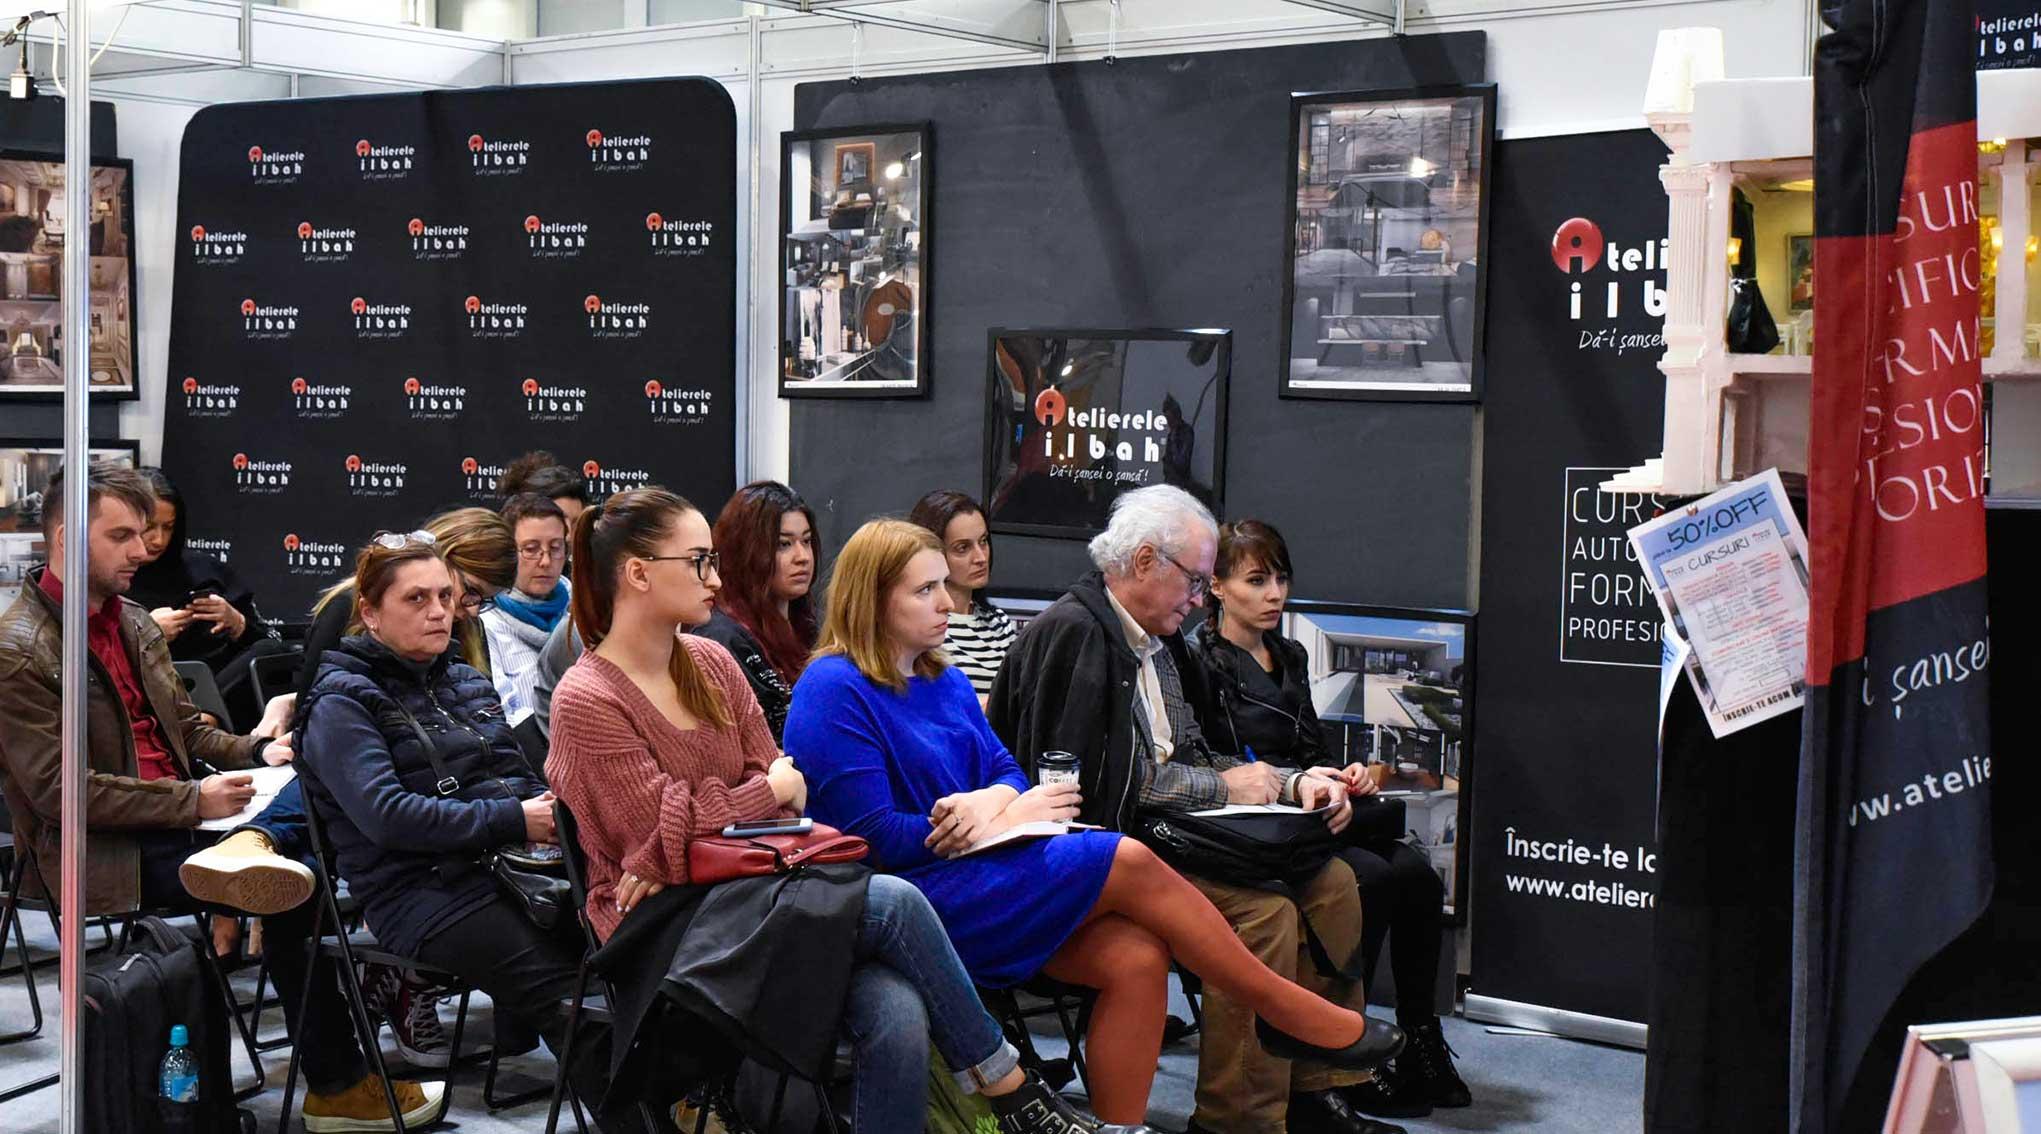 workshop-uri-demonstratii-si-conferinte-marca-atelierele-ilbah-pe-parcursul-a-4-zile-in-cadrul-romexpo-9